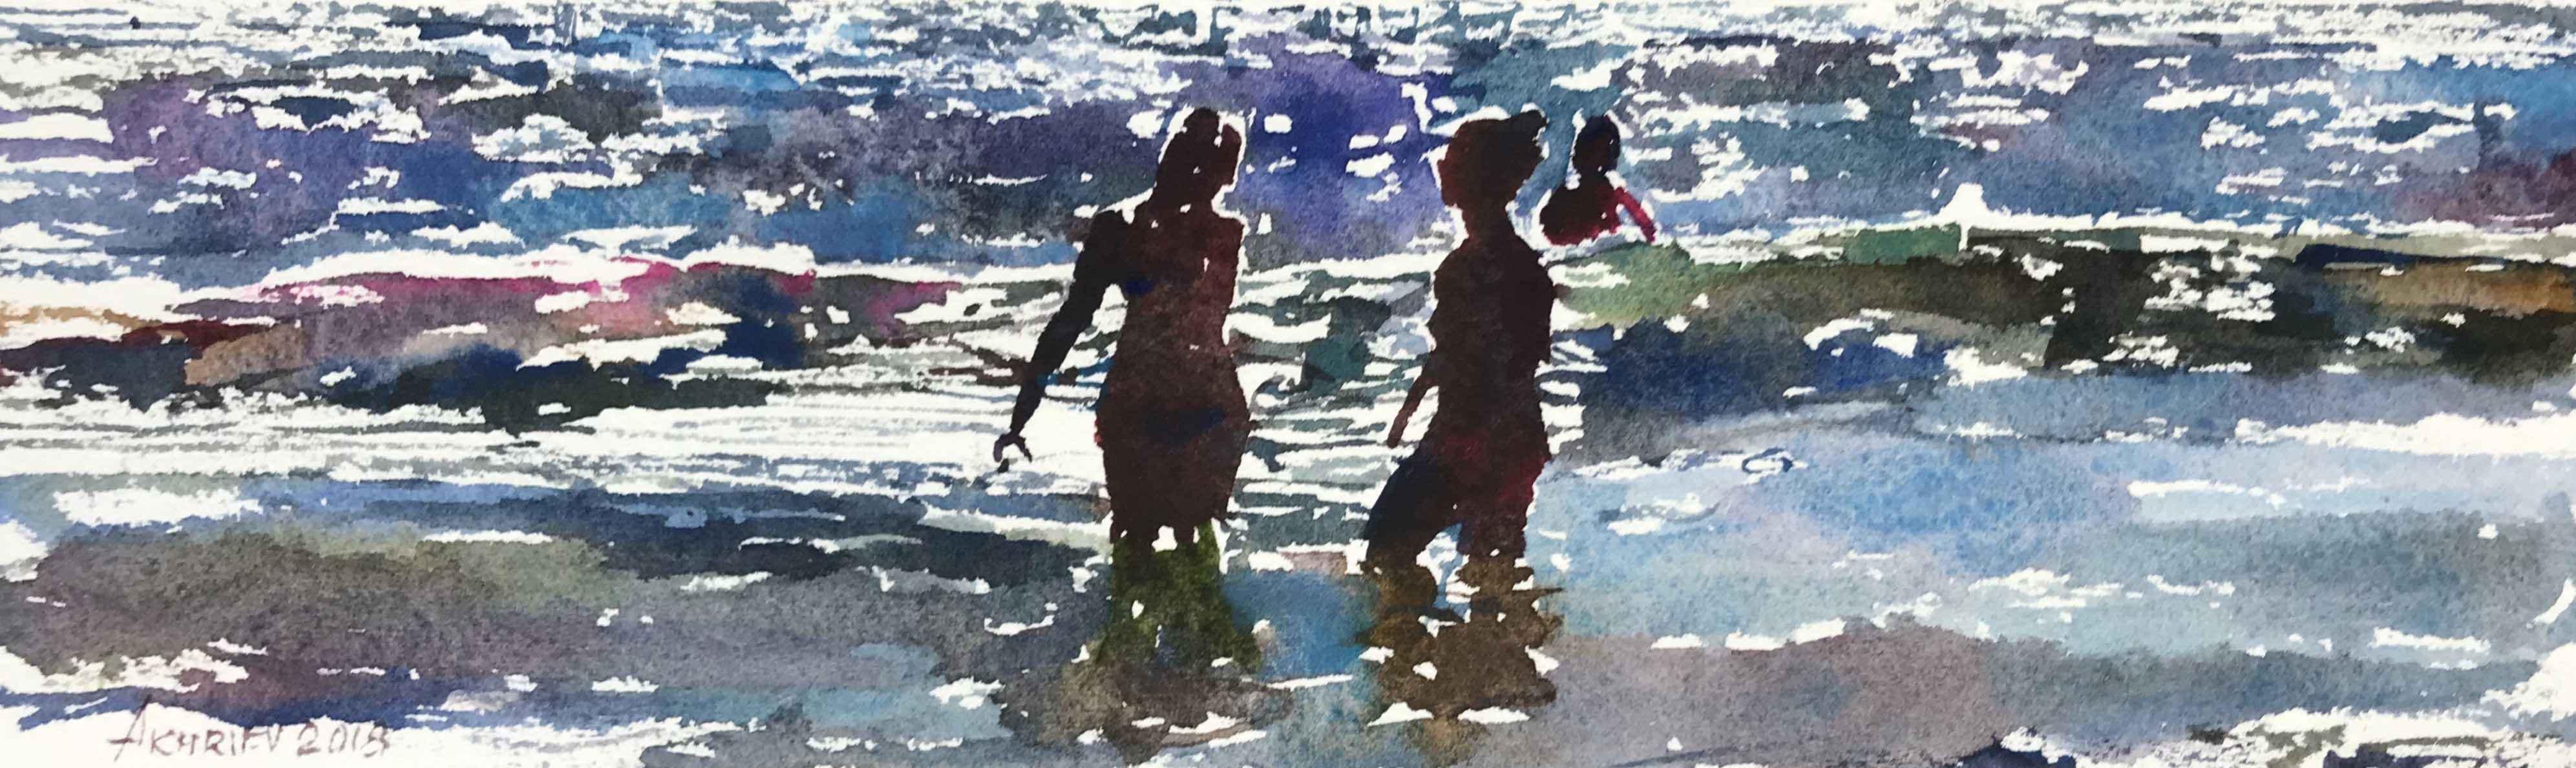 Beach Series XII